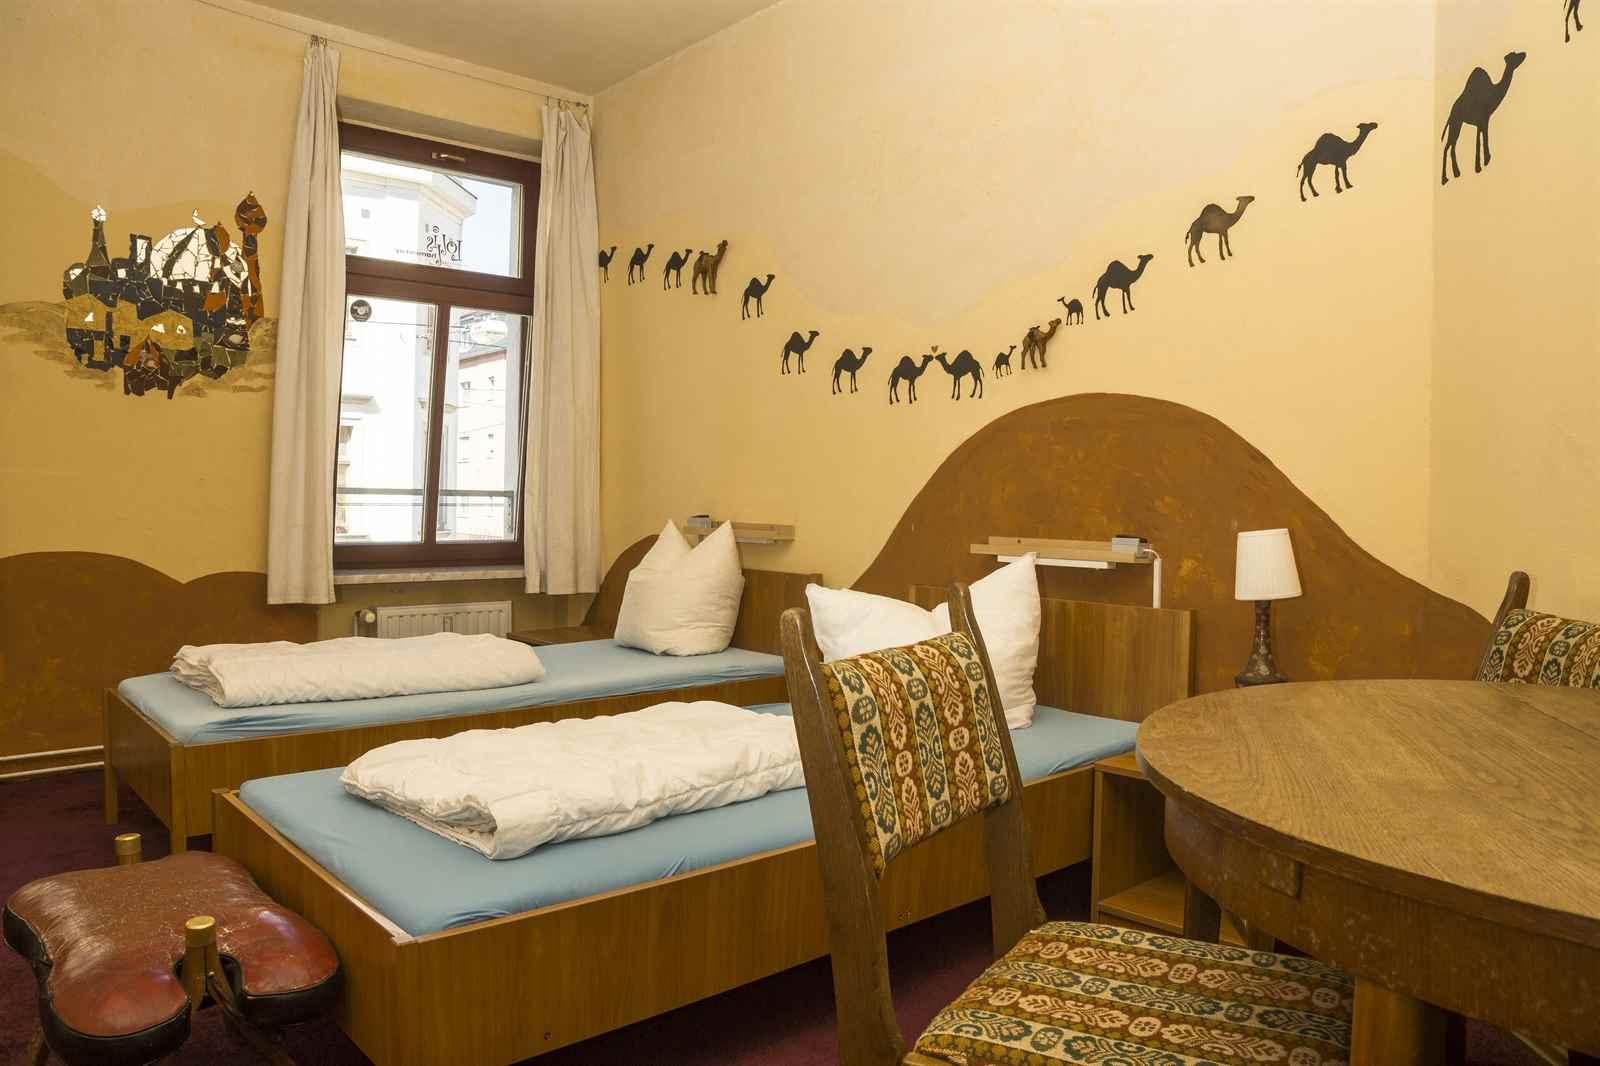 Lollis Homestay Hostel Dresden - hostelgalaxy.com